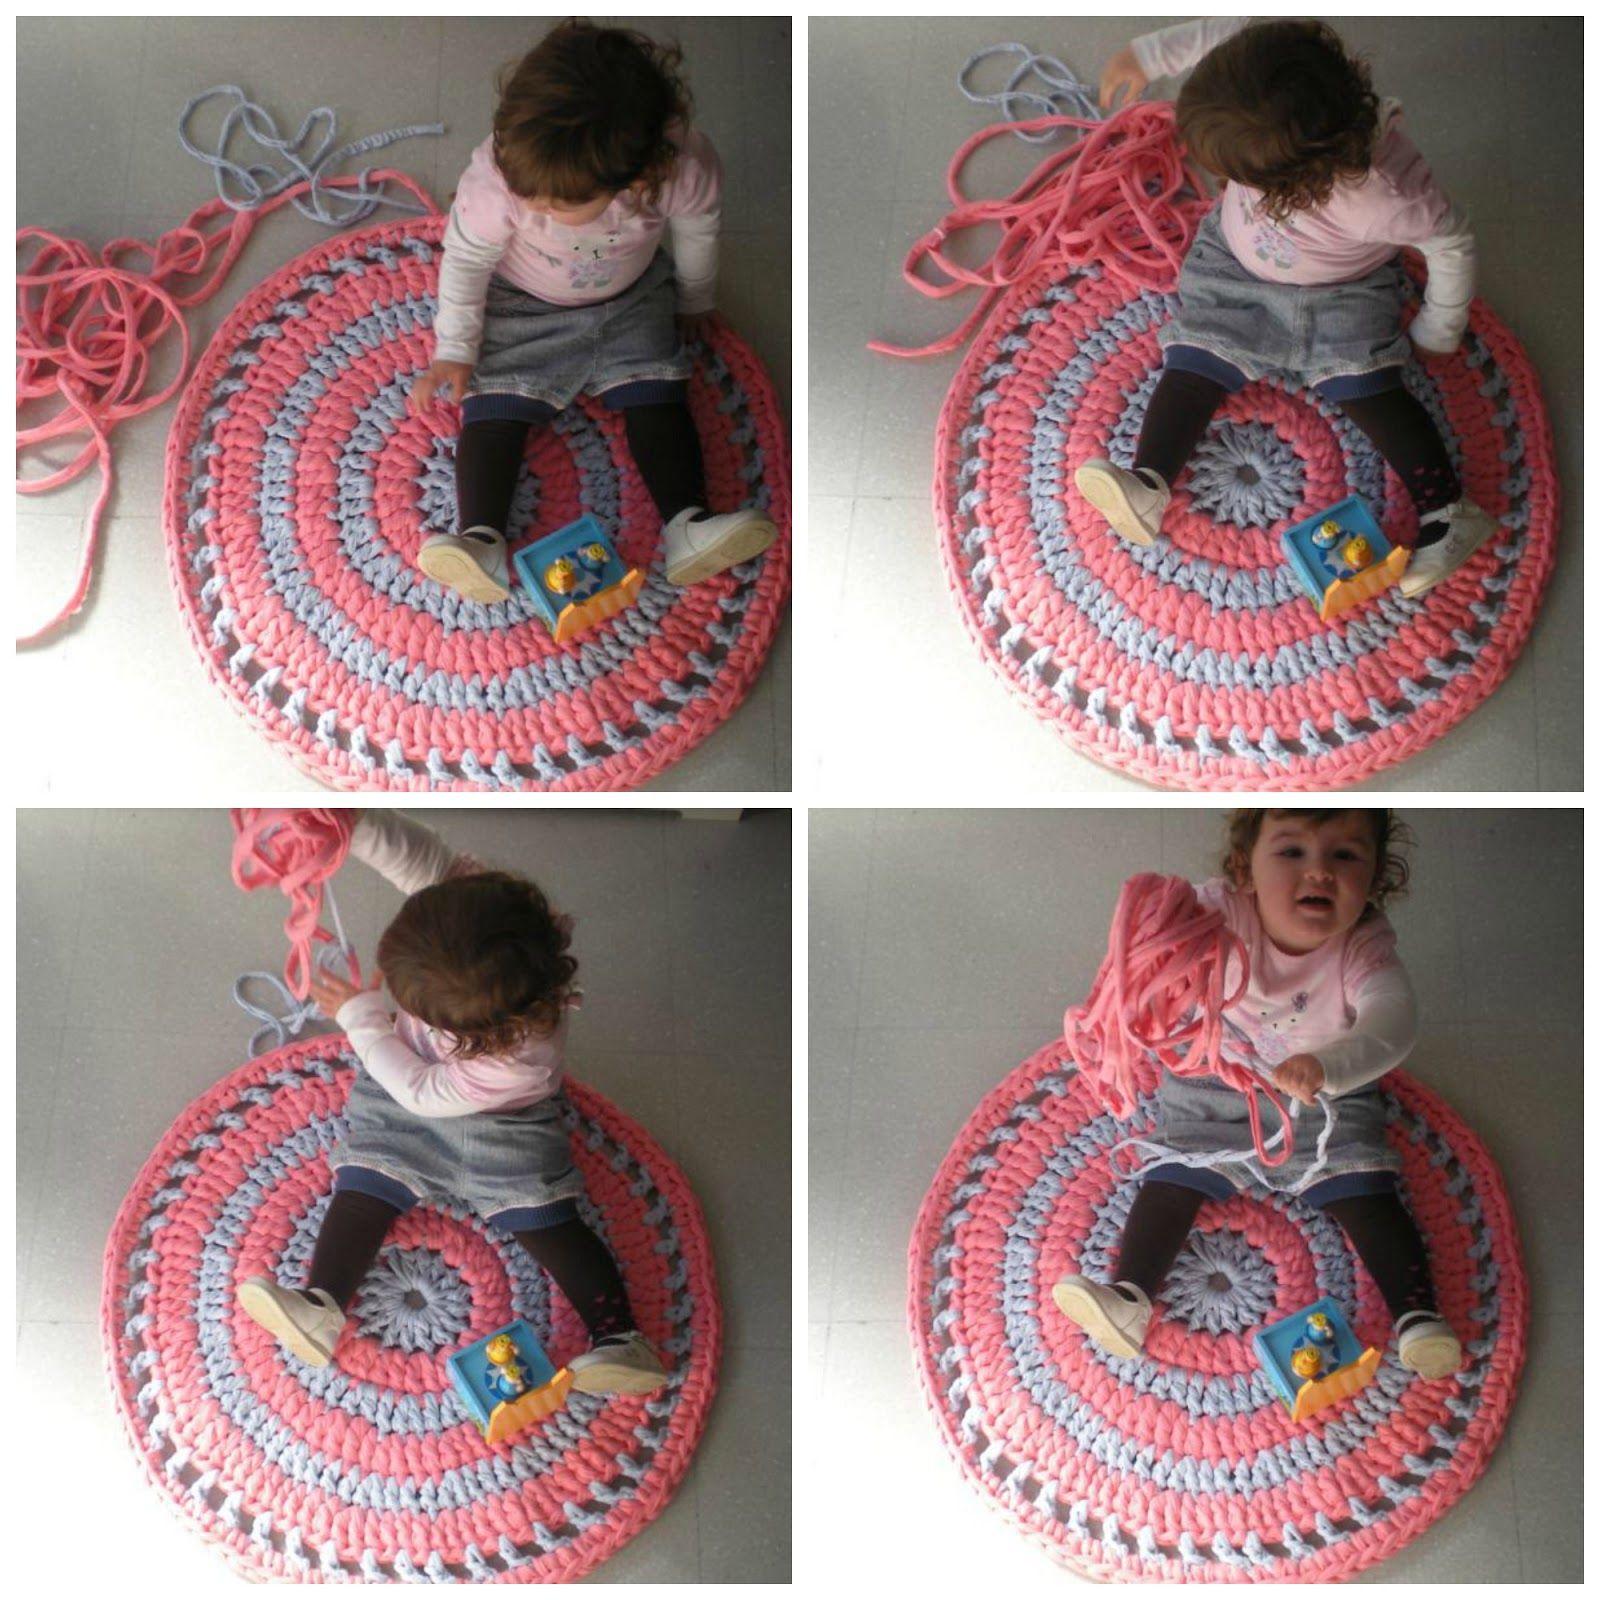 mijn wereld van wol: tutorial over hoe je een tapijt te maken met trapillo (2)